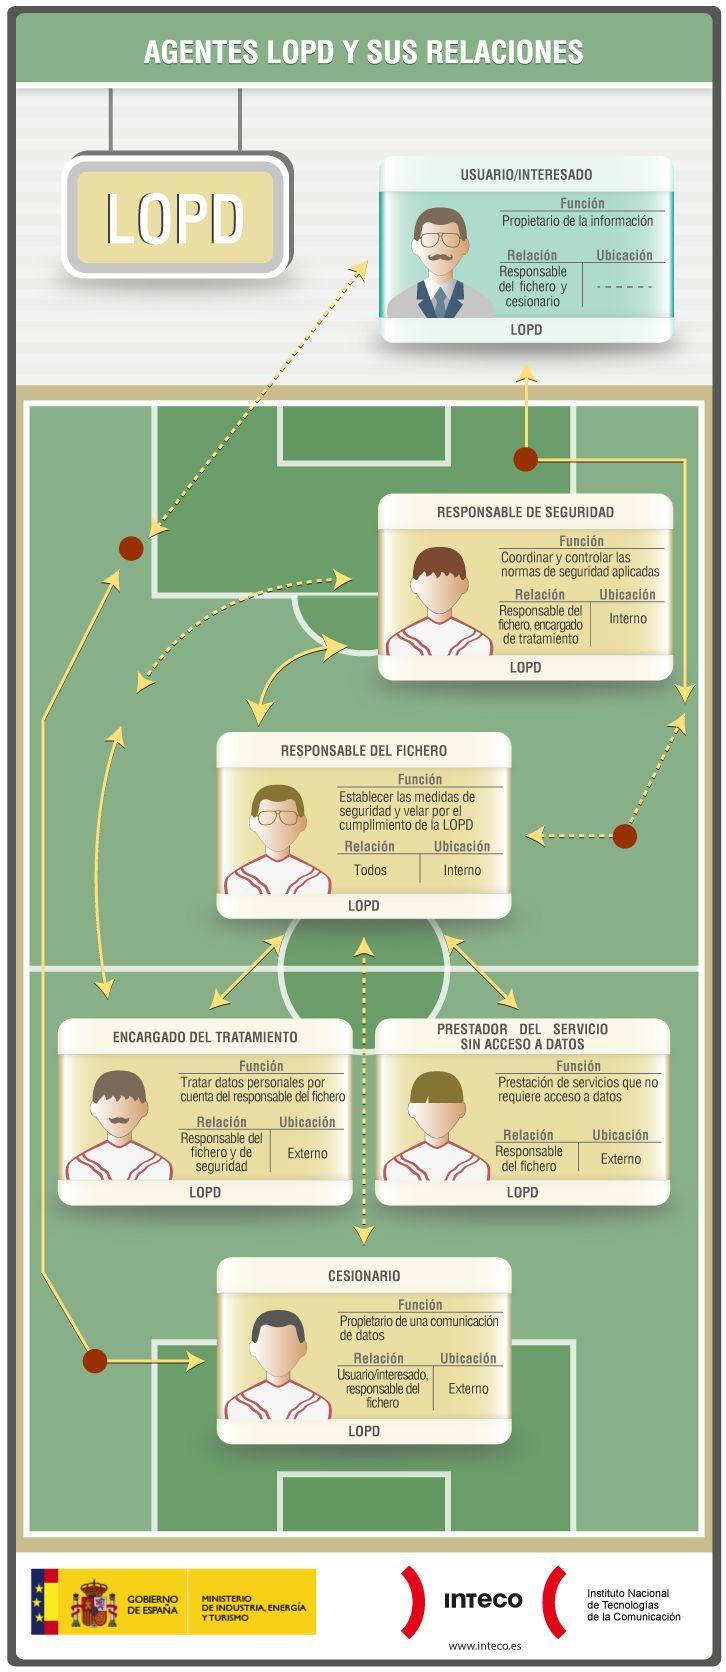 #Infografía Agentes LOPD y sus Relaciones. http://bit.ly/1rrty8N